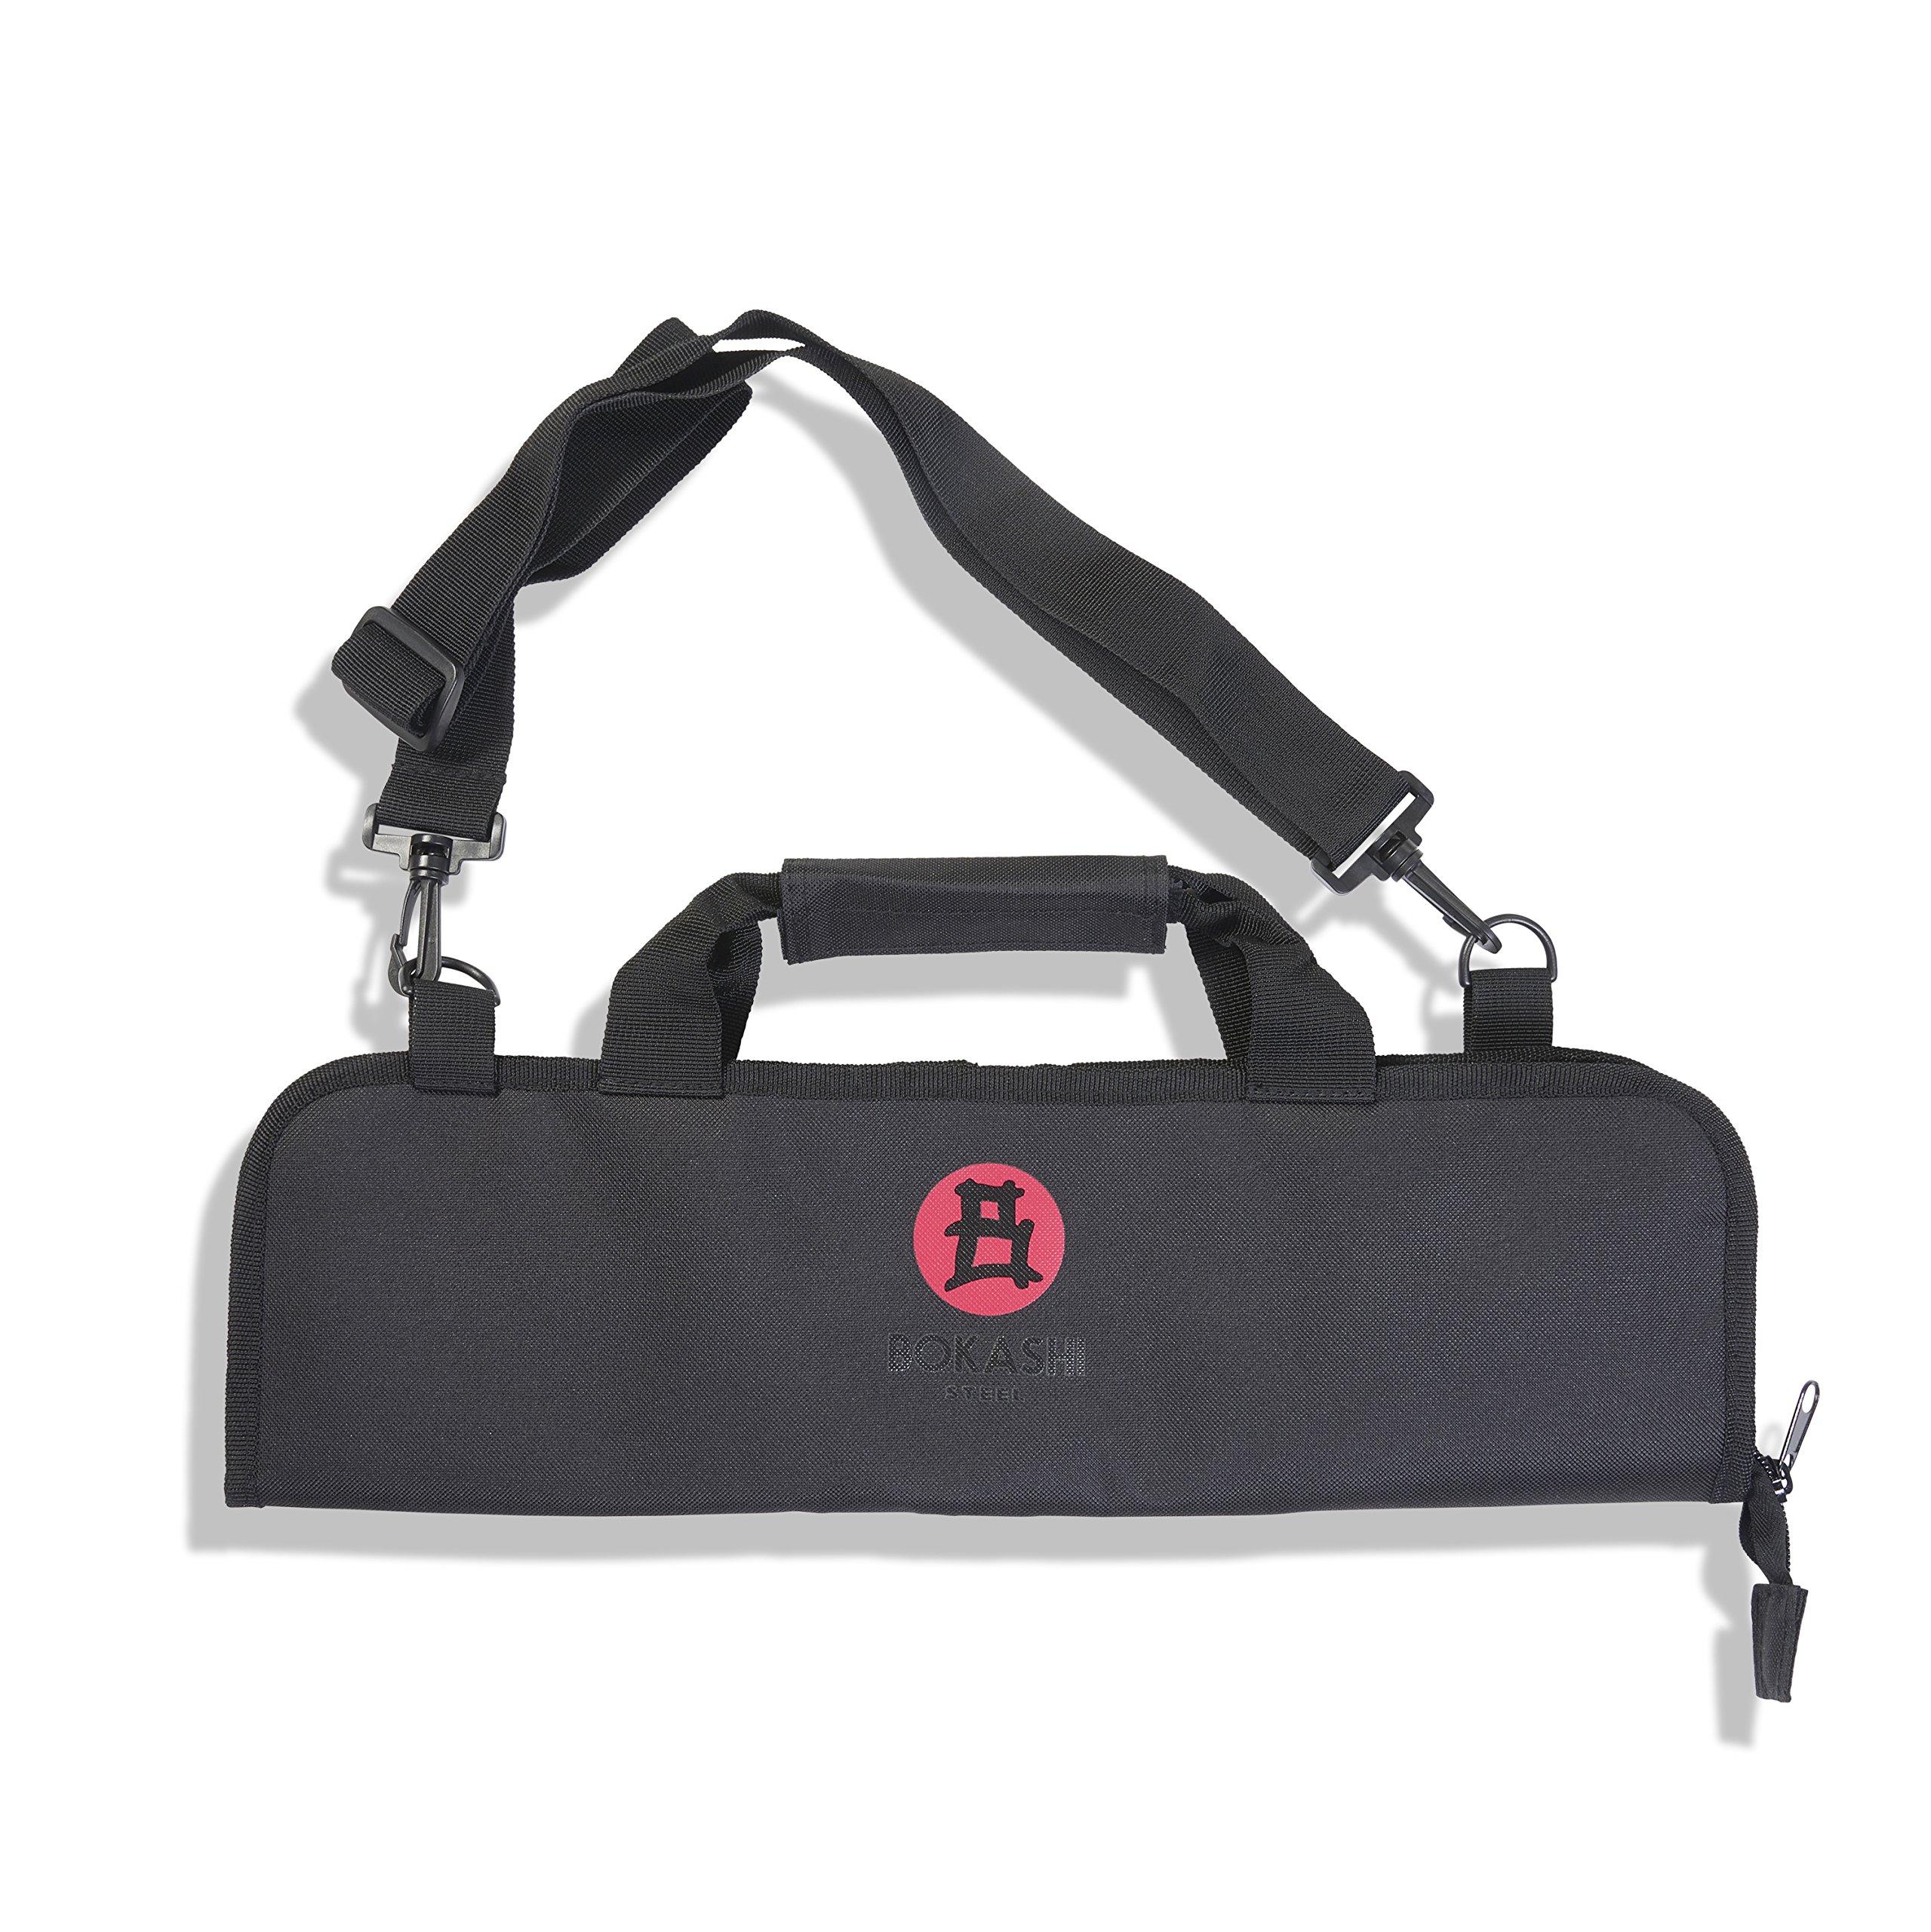 Bokashi Steel 6 Pocket Chef Knife Roll Bag (Bag Only)